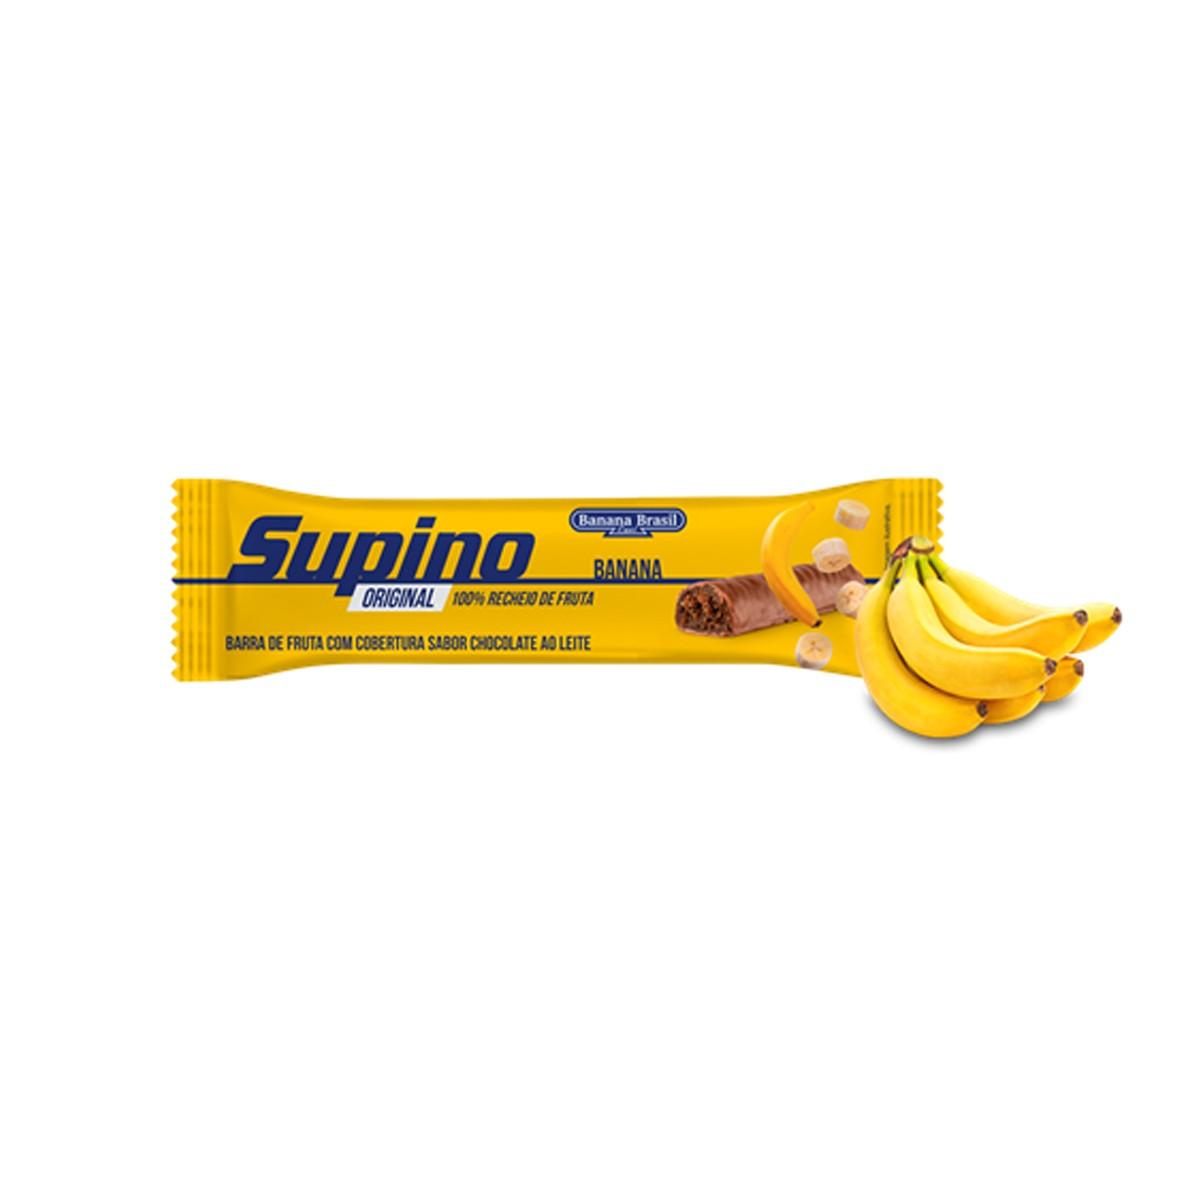 Barra de Fruta Supino com Chocolate ao Leite 24g  - Banana Brasil